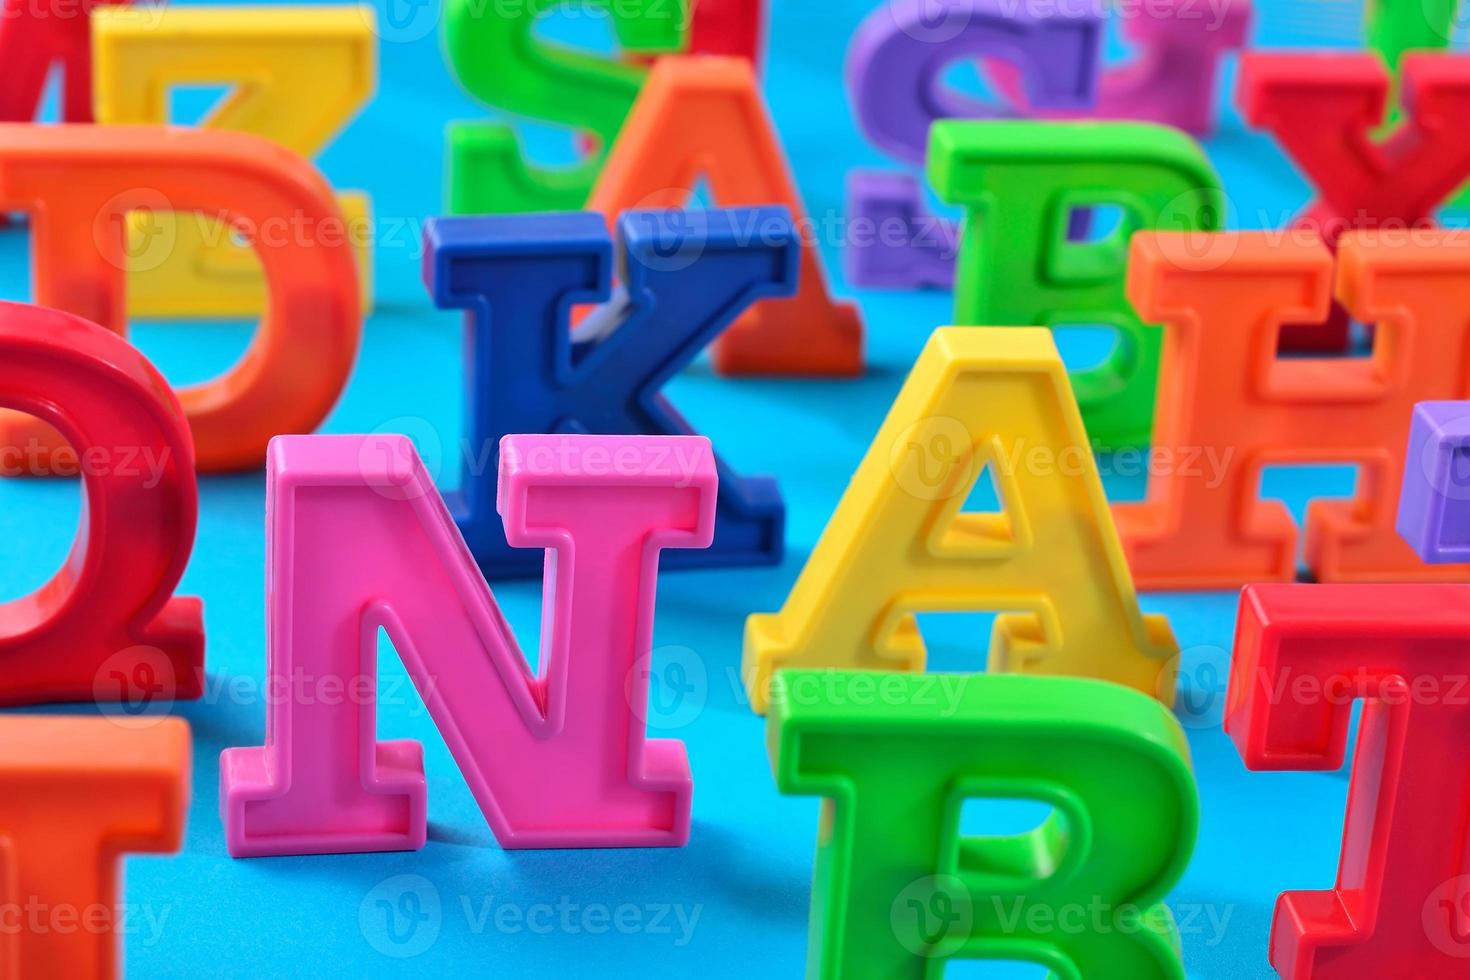 bunte Alphabetbuchstaben aus Kunststoff schließen sich einem Blau an foto